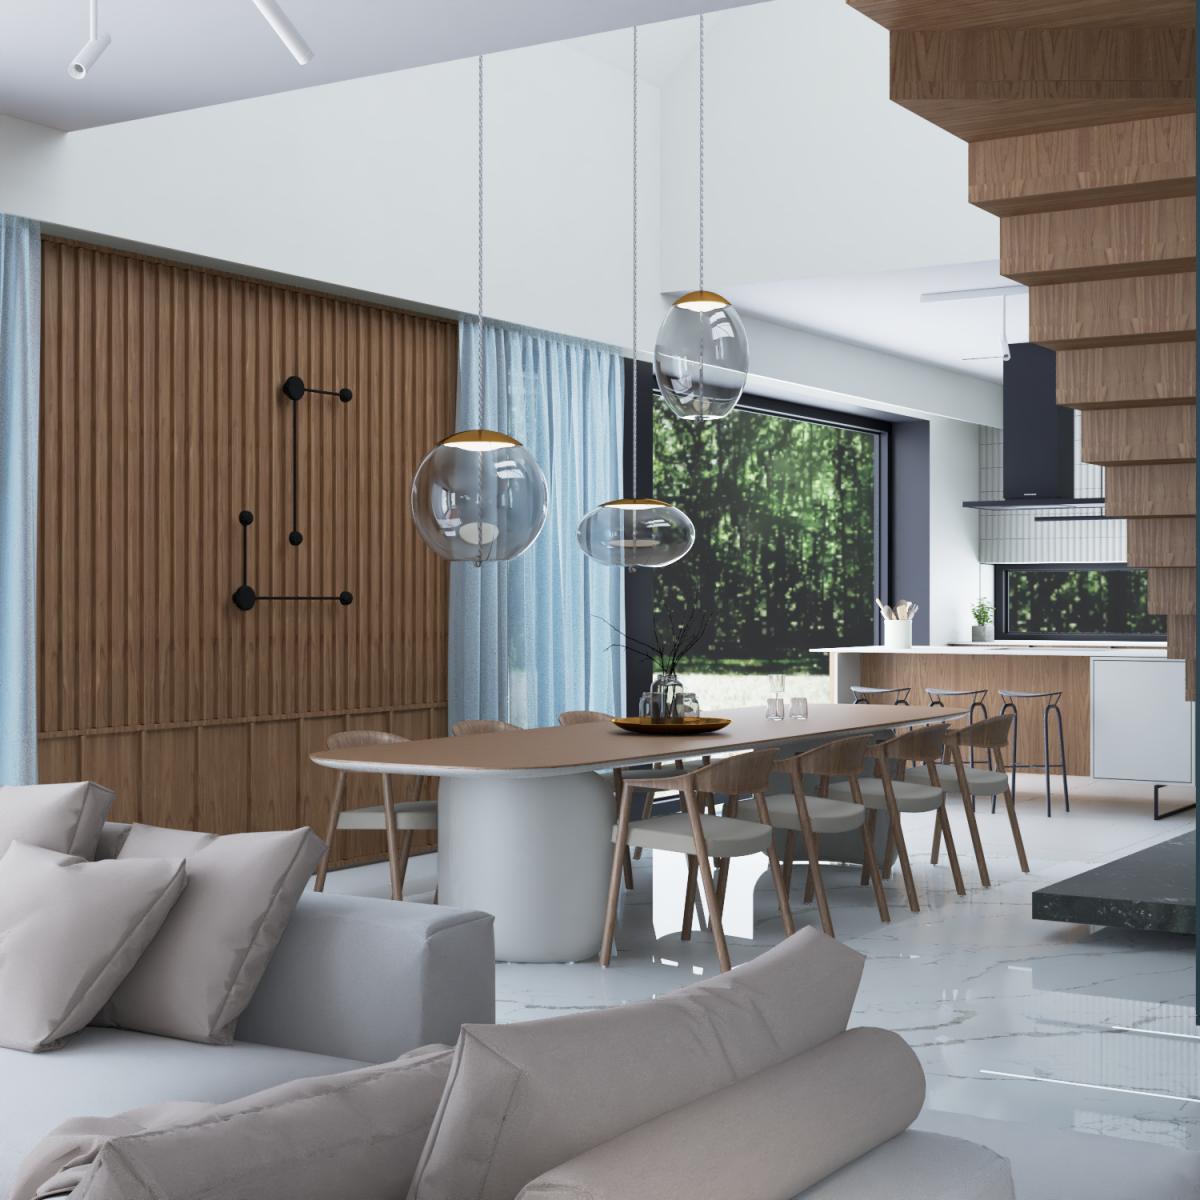 Wnętrze domu jednorodzinnego w Siedlcu widok na aneks kuchenny z salonem